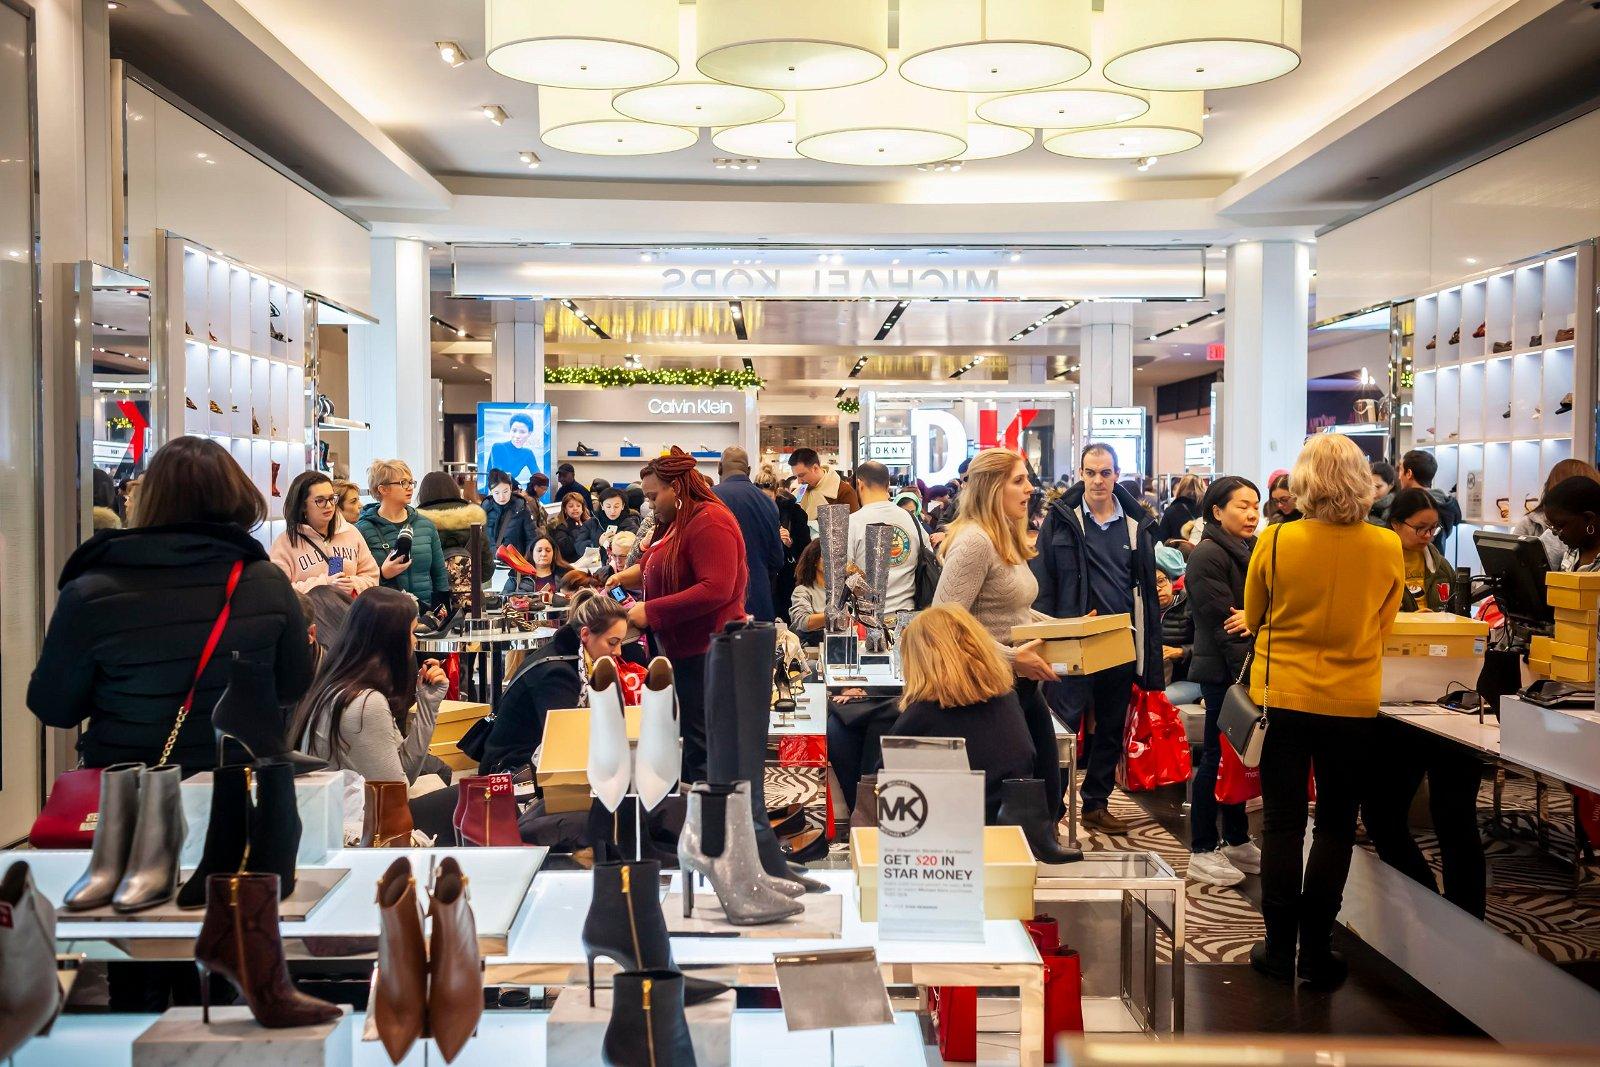 Avec la réduction progressive du nombre d'acheteurs qui se rendent en magasin, les vendeurs doivent revoir et adapter les activités de leur personnel pour la vente en ligne.